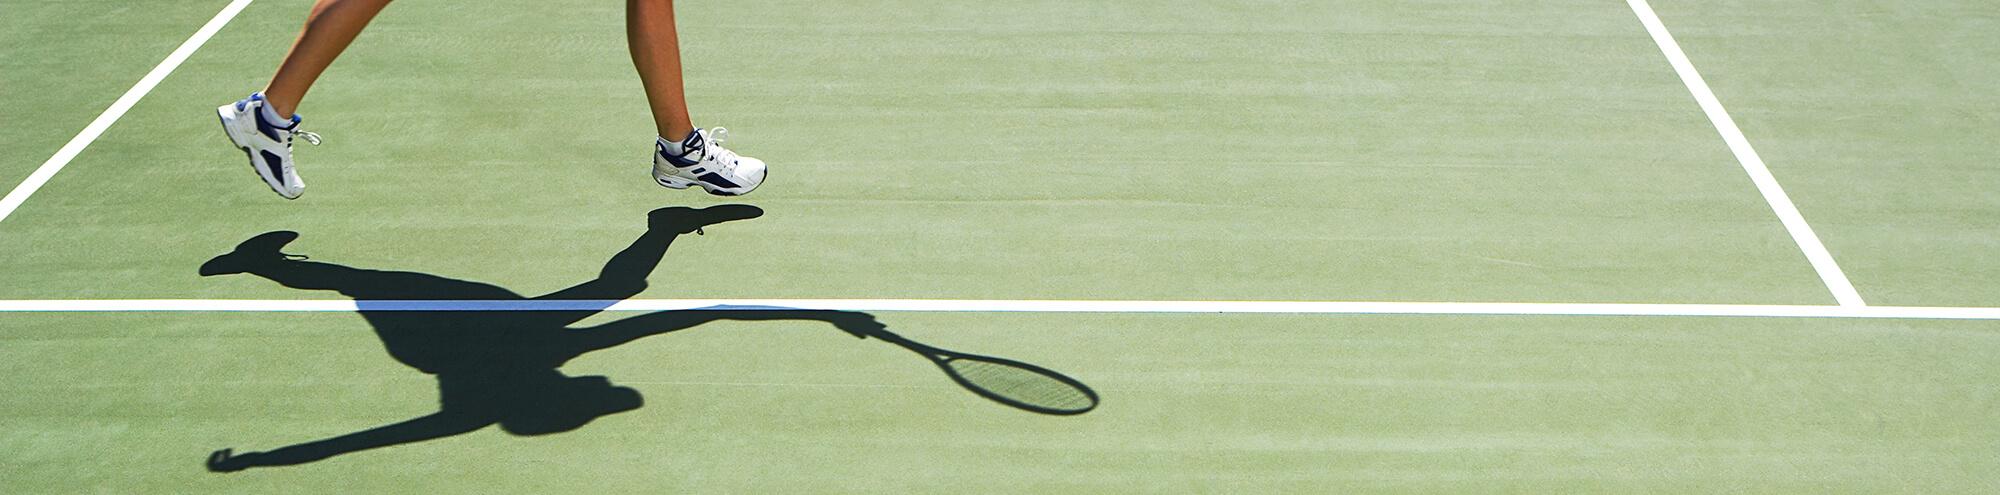 tennis_slider